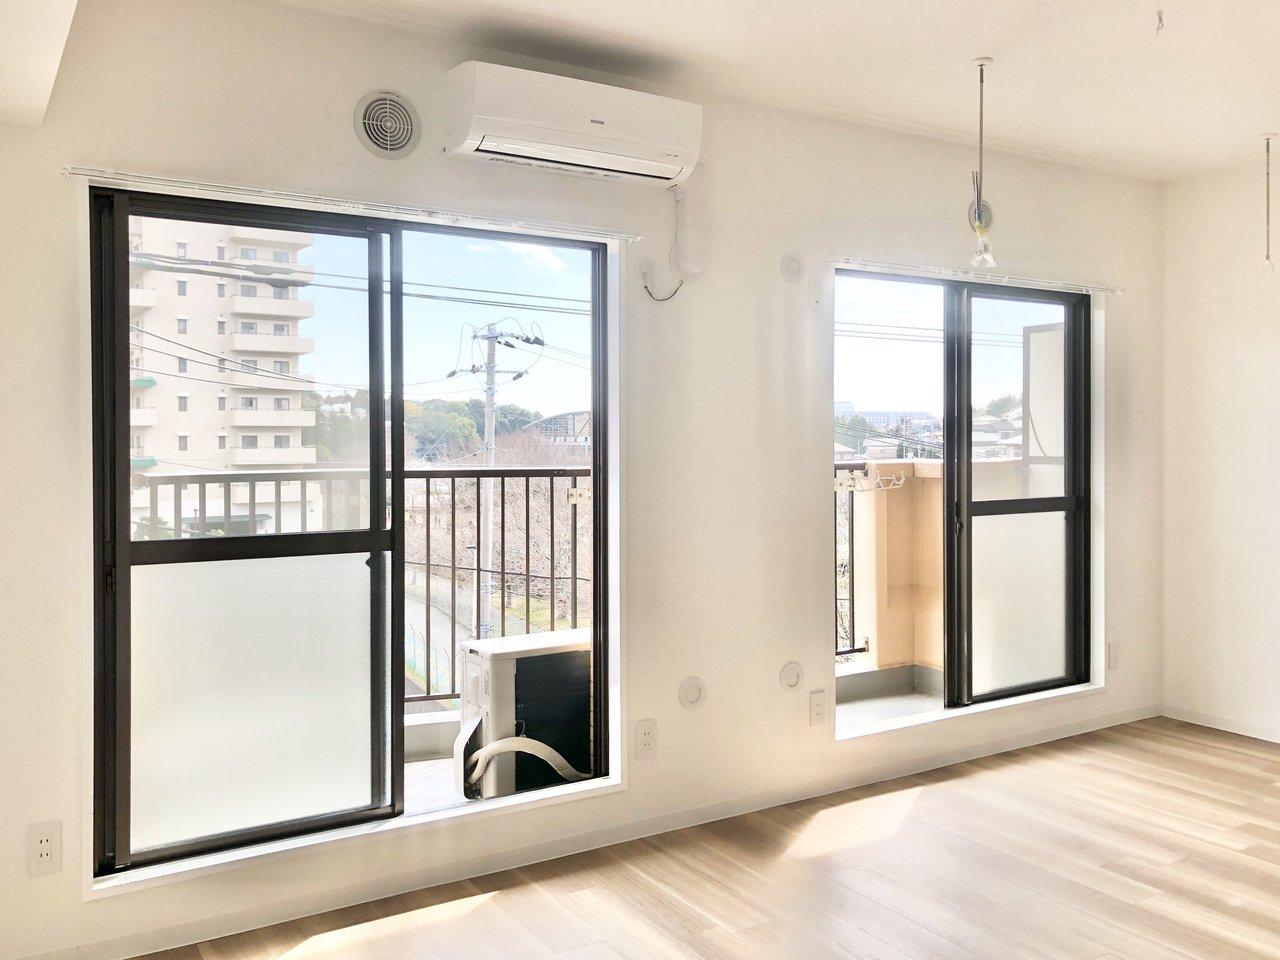 お部屋は、横長タイプのリビングダイニング。窓も2面あり、明るさがあって心地よいですね。